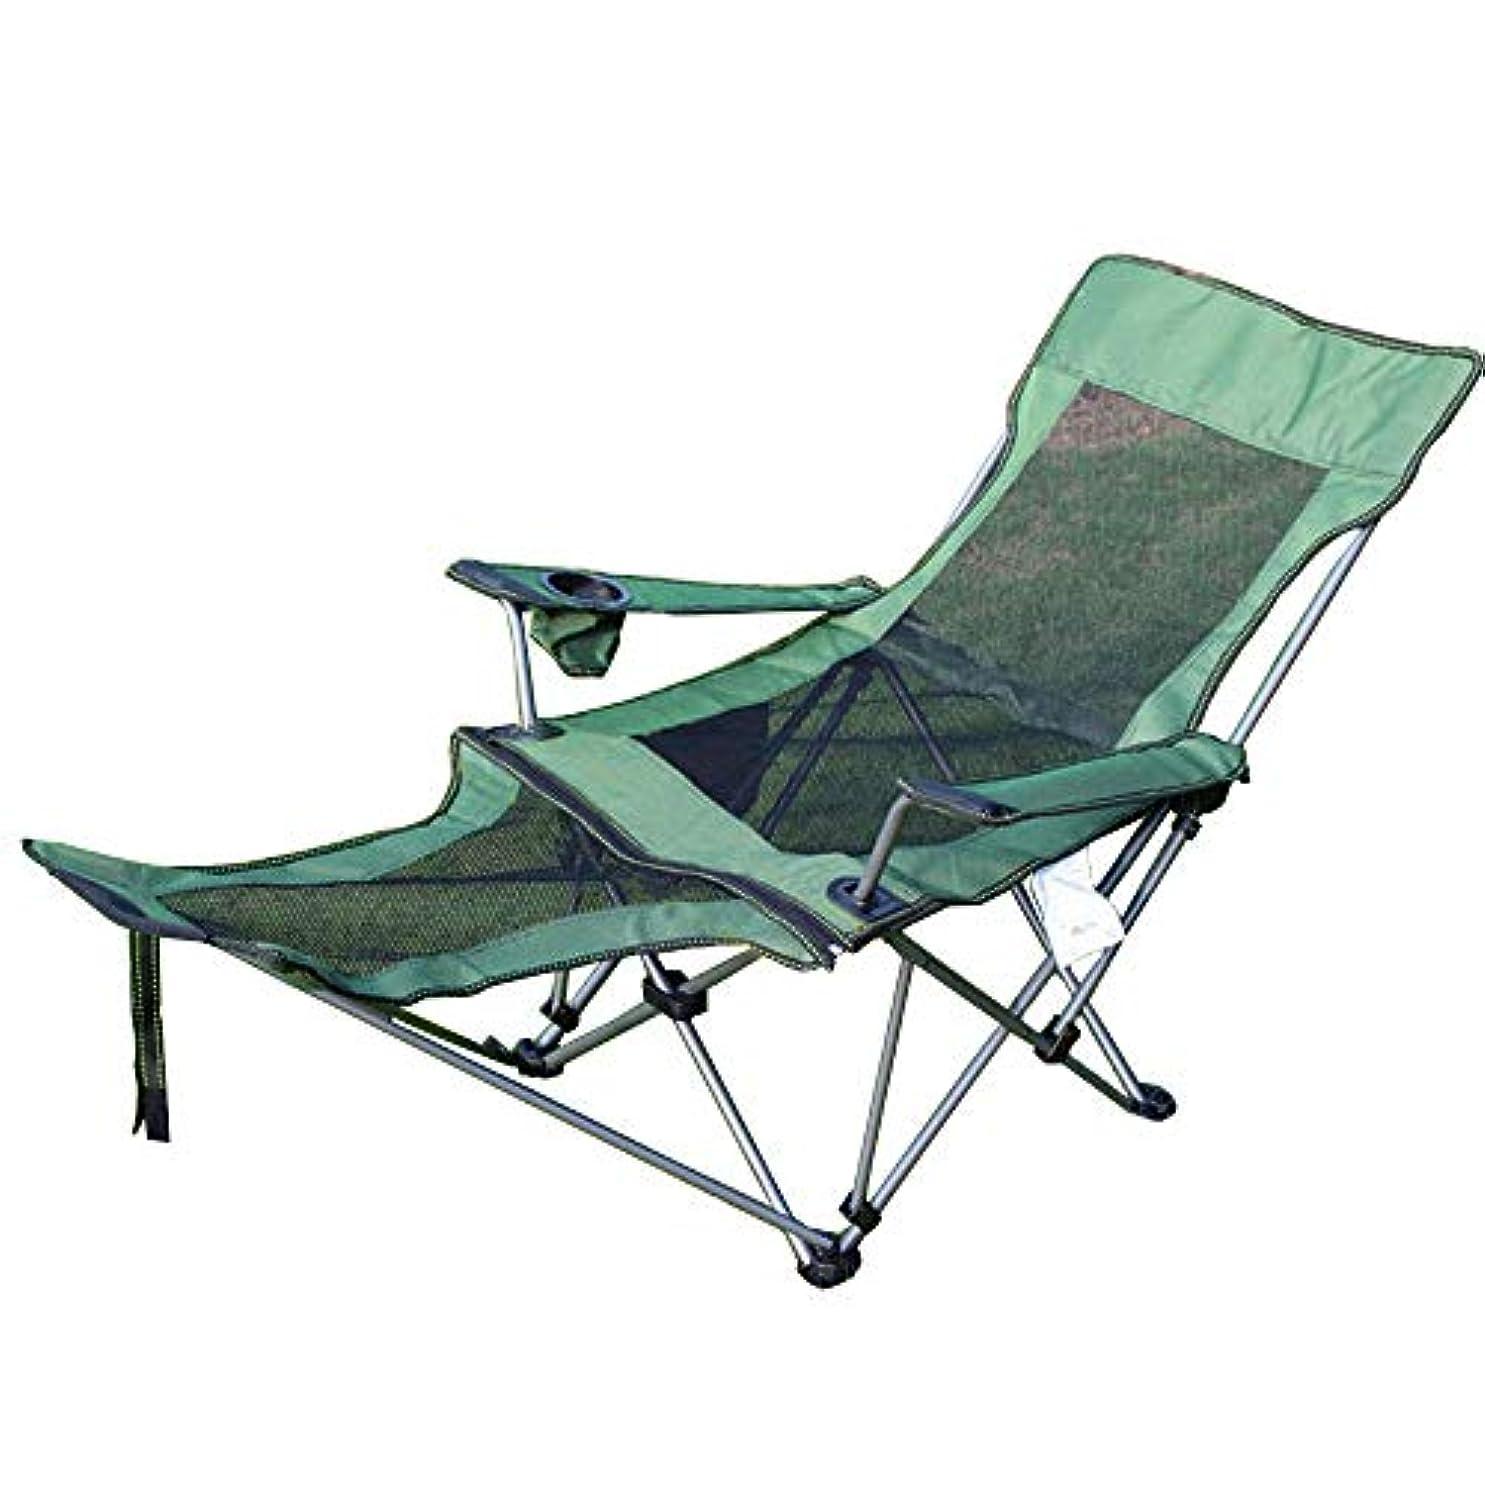 準備する制限する怠惰アウトドア チェア 折りたたみ椅子 枕付き 耐荷重140kg 収納バッグ付 お釣り 登山 携帯便利 キャンプラウンジチェア